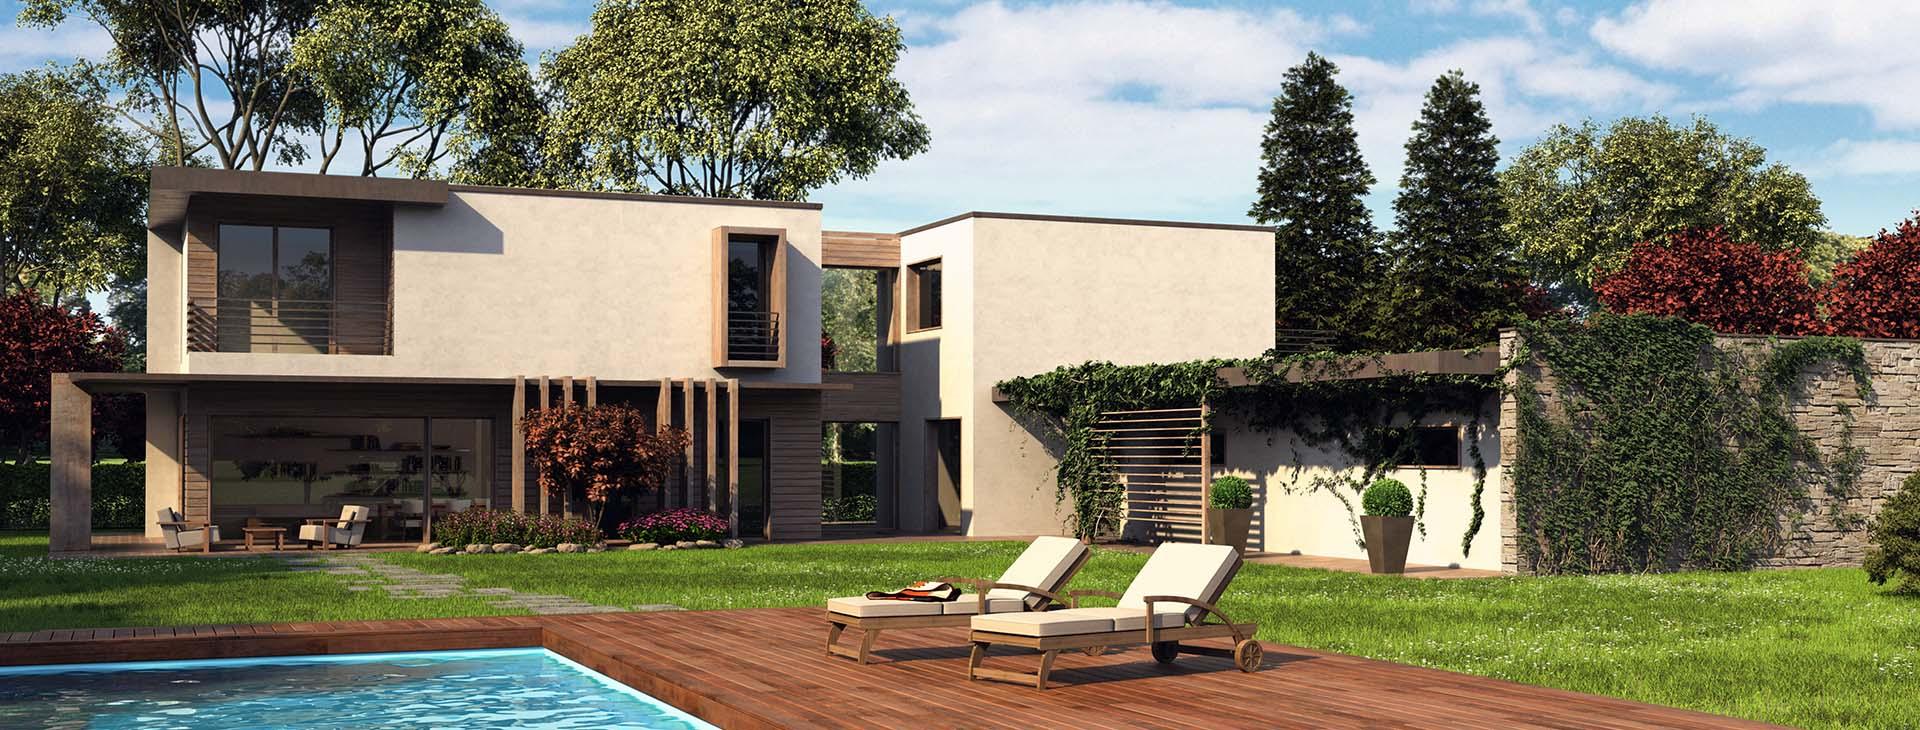 Case prefabbricate stile moderno for Ville stile moderno